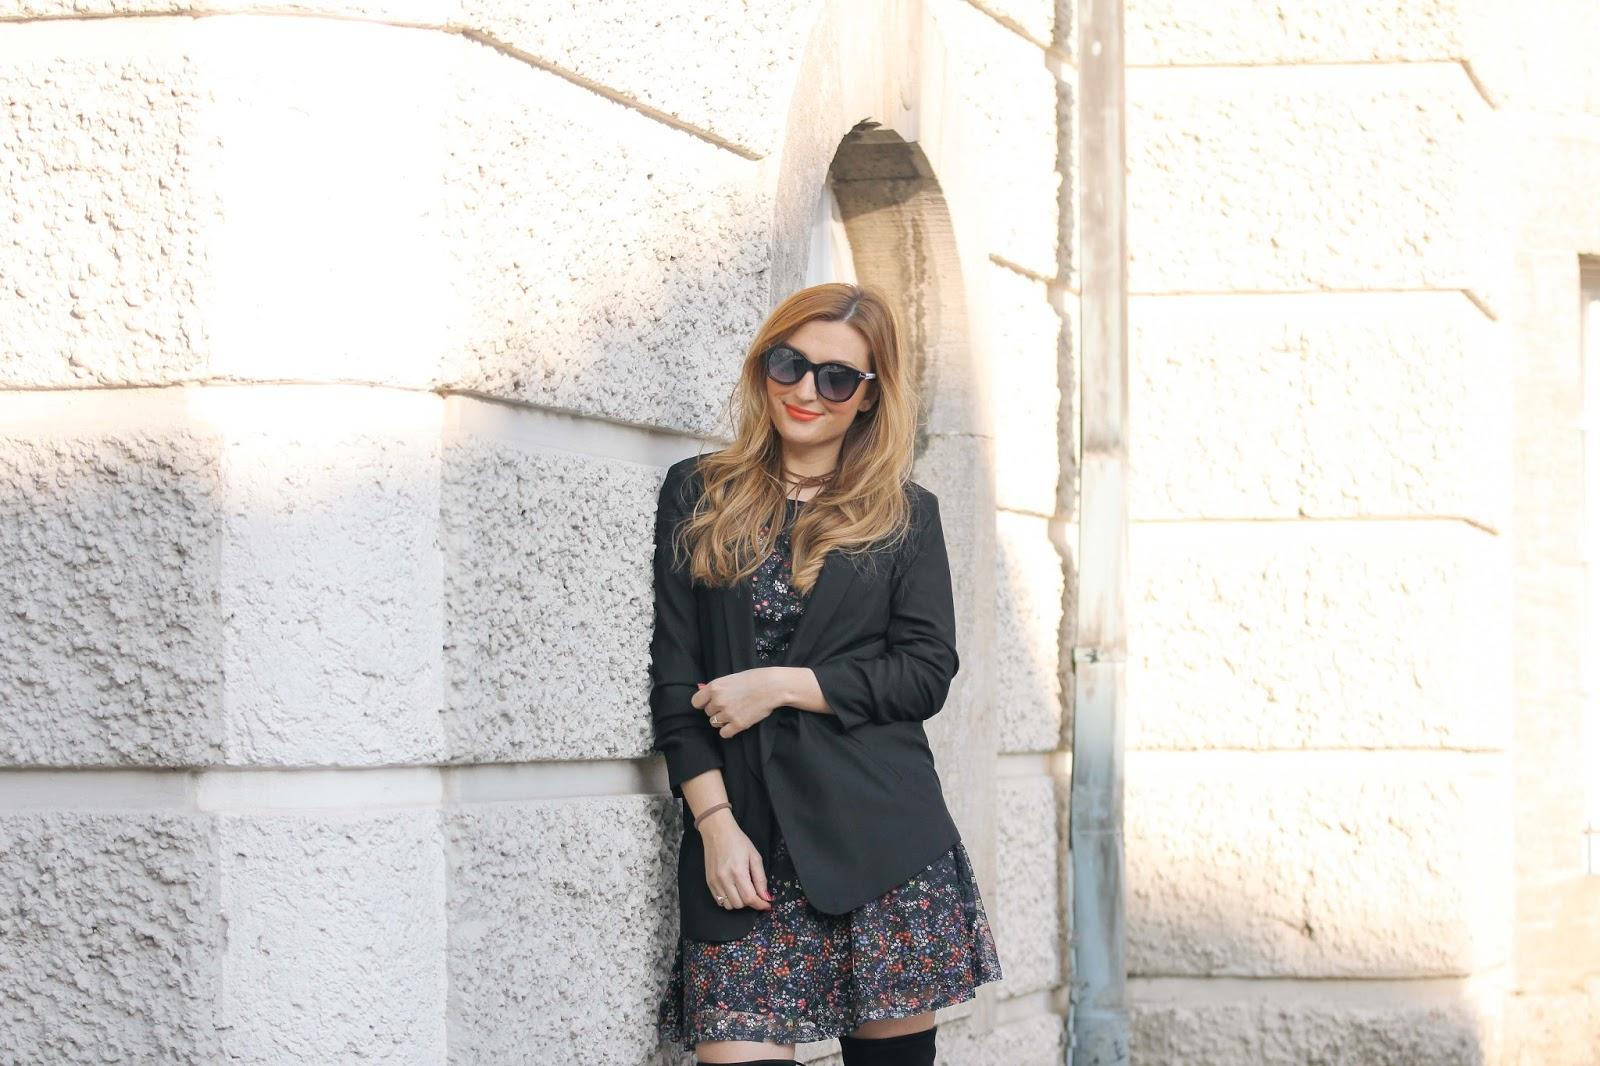 Fashionblogger-aus-deutschland-fashionstylebyjohanna-blogger-aus-deutschland